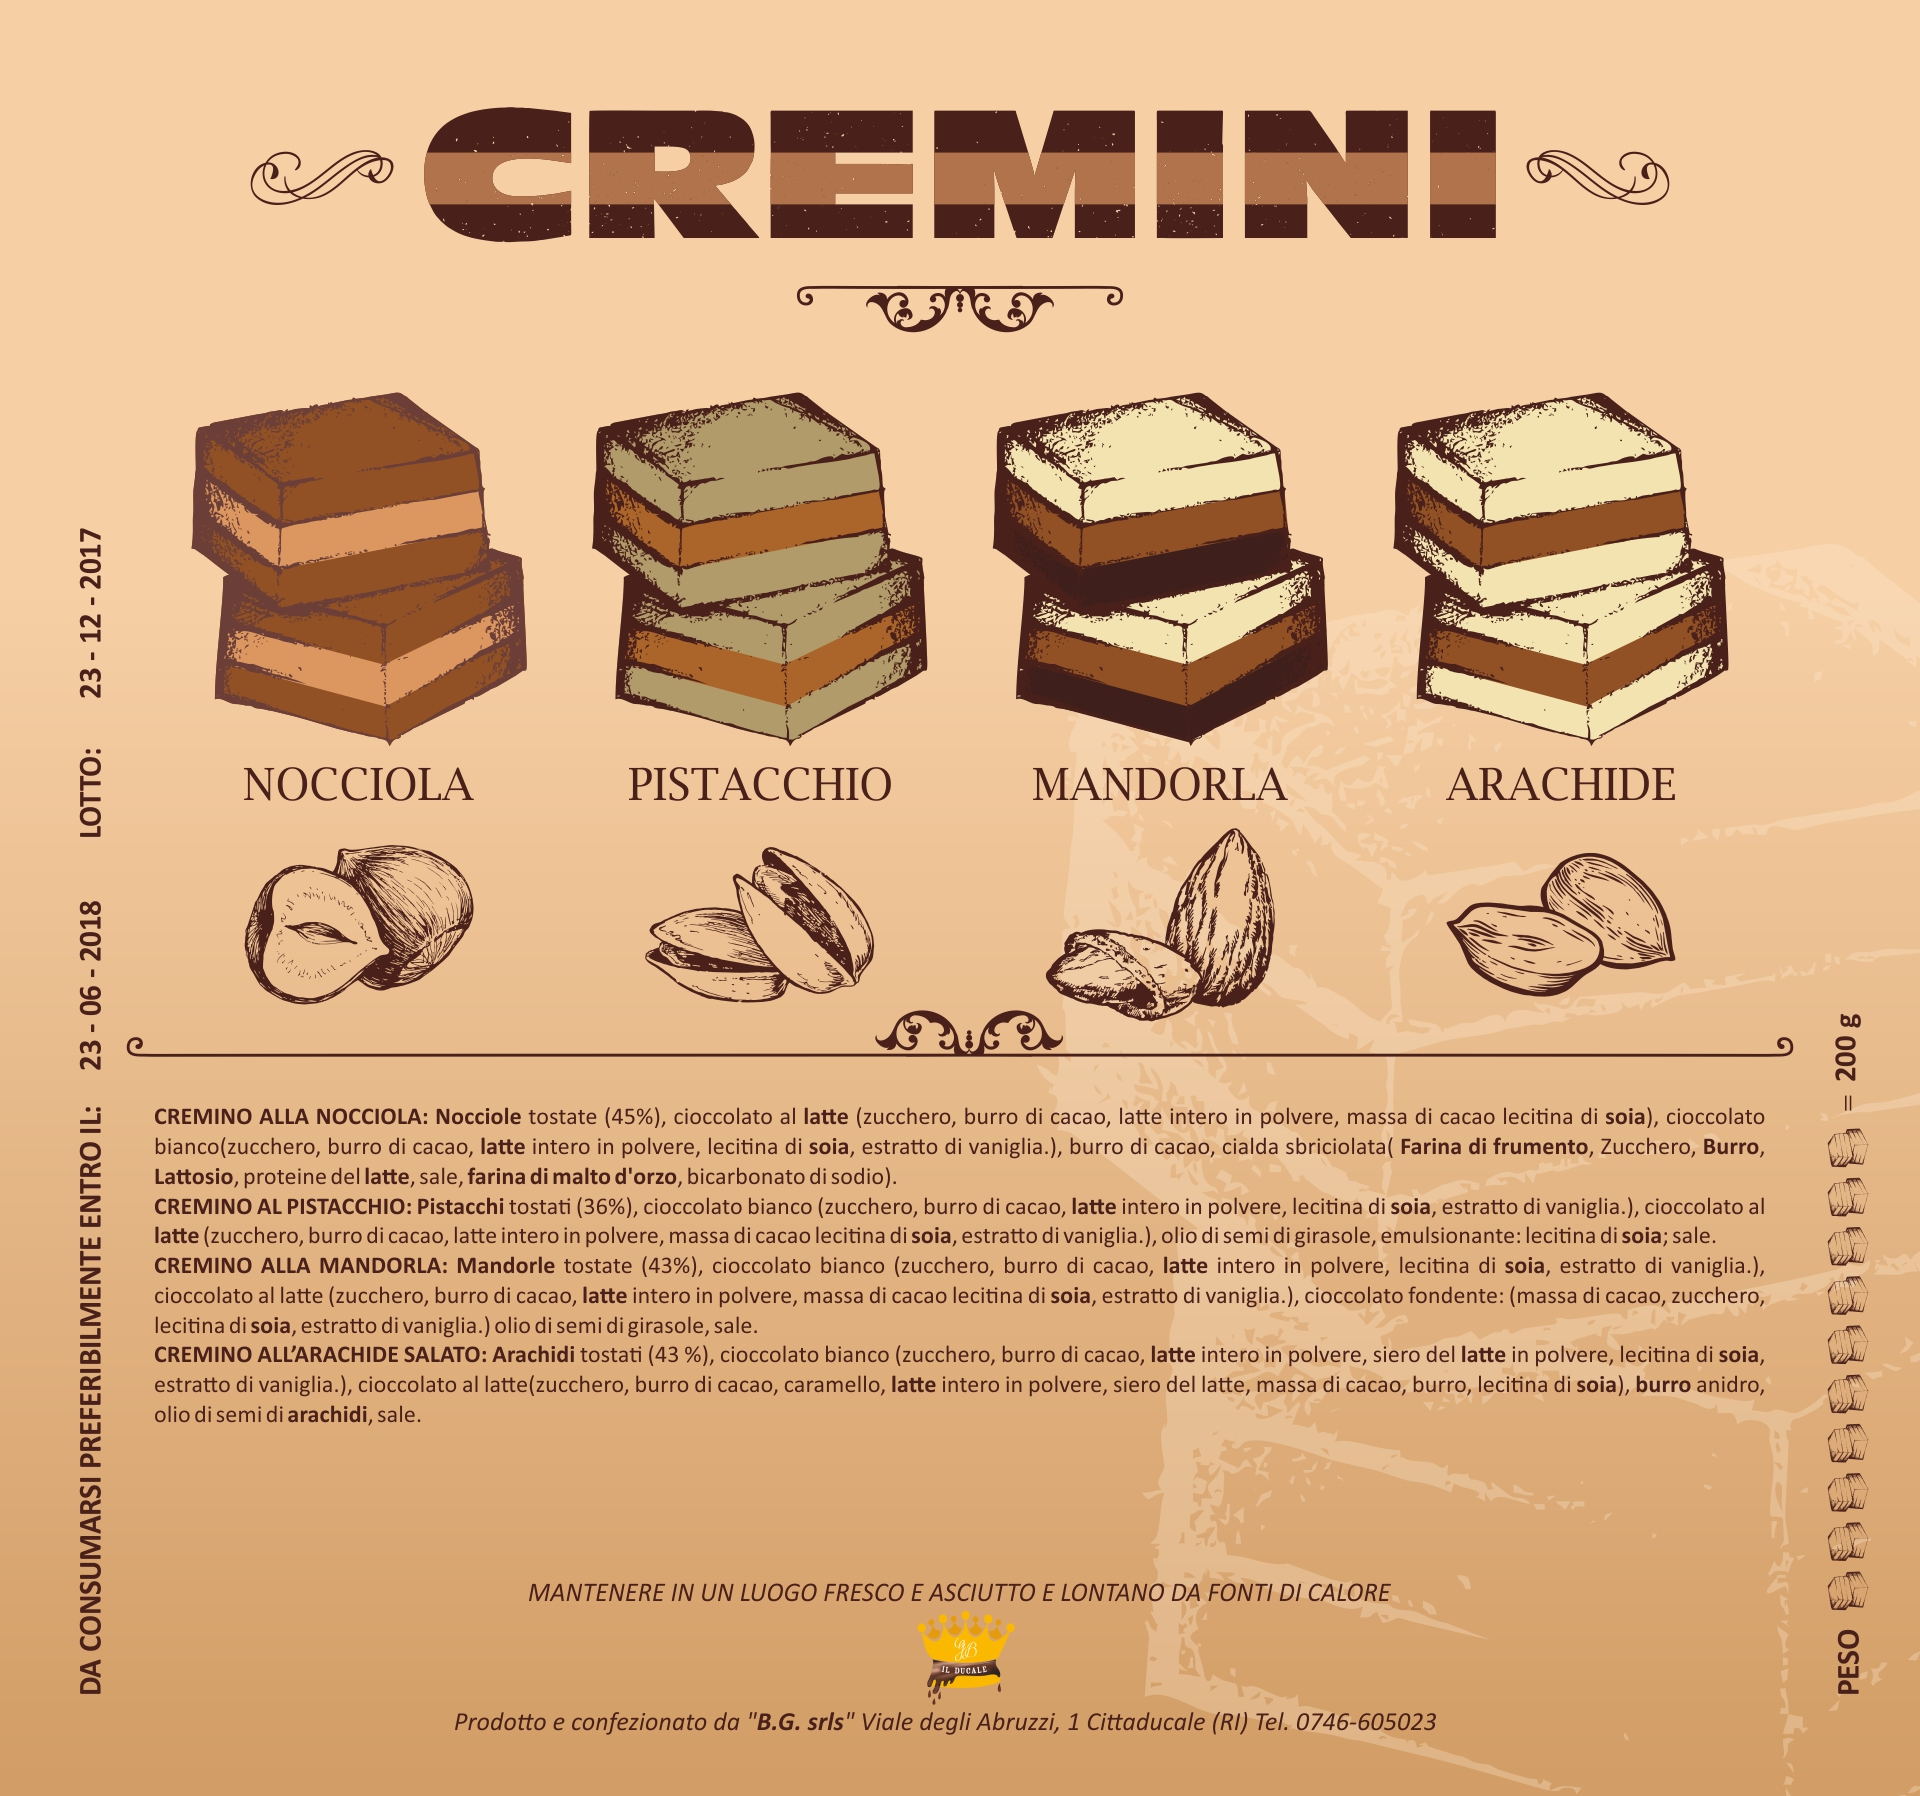 etichetta-cremini-il-ducale